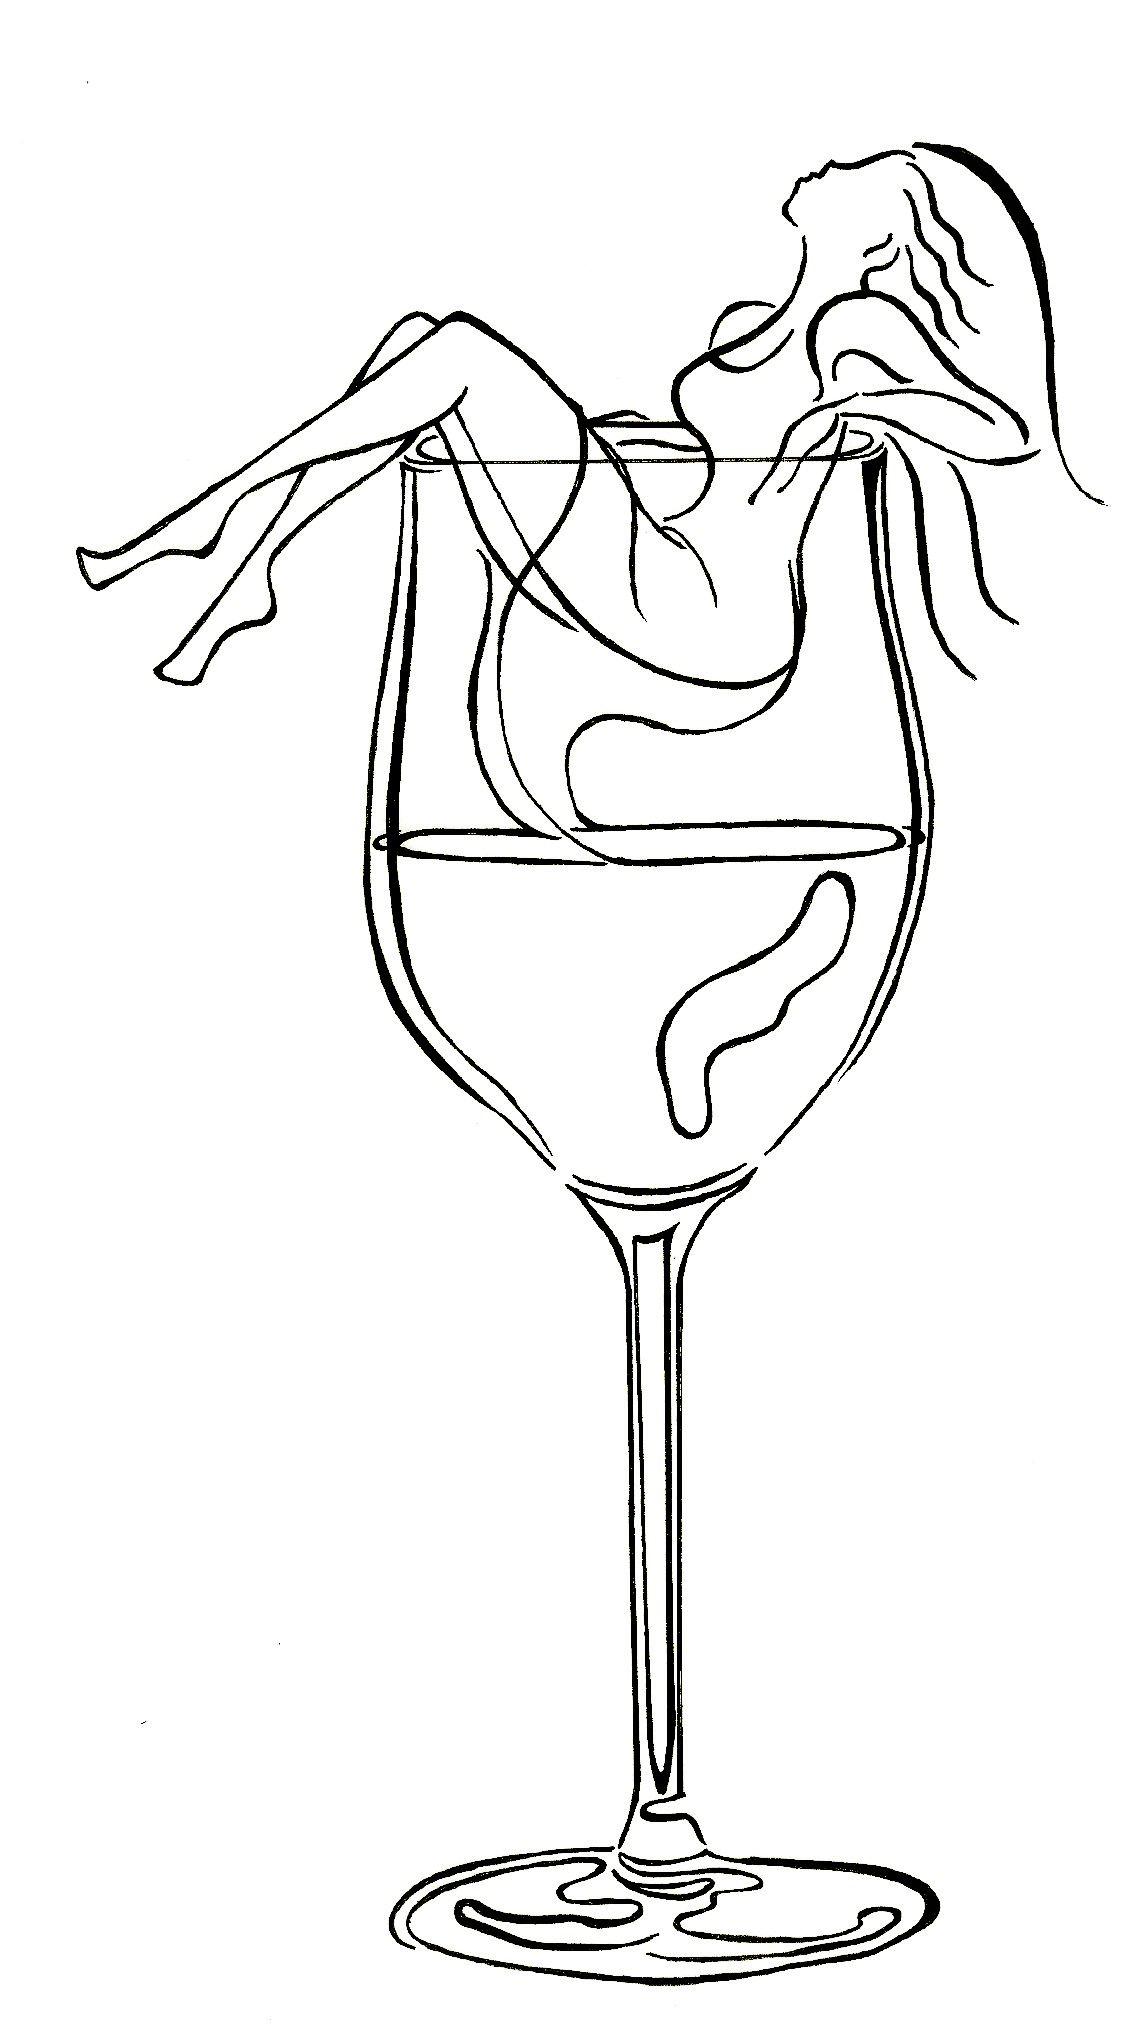 Image Detail For Women And Wine Arte De Silueta Tatuaje De Vino Arte De Vino